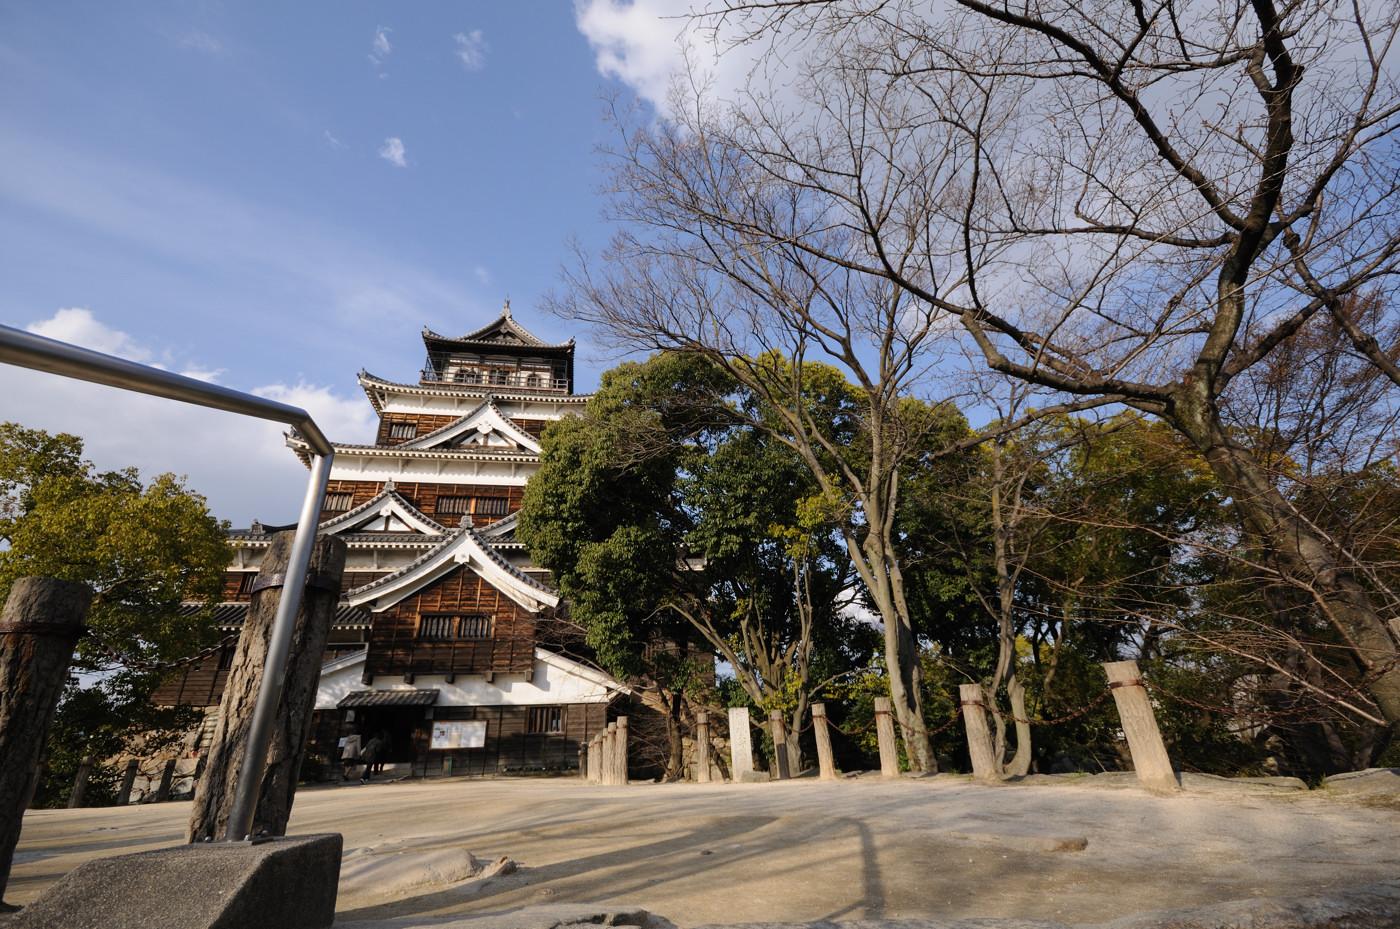 広角で広島城の天守閣その2